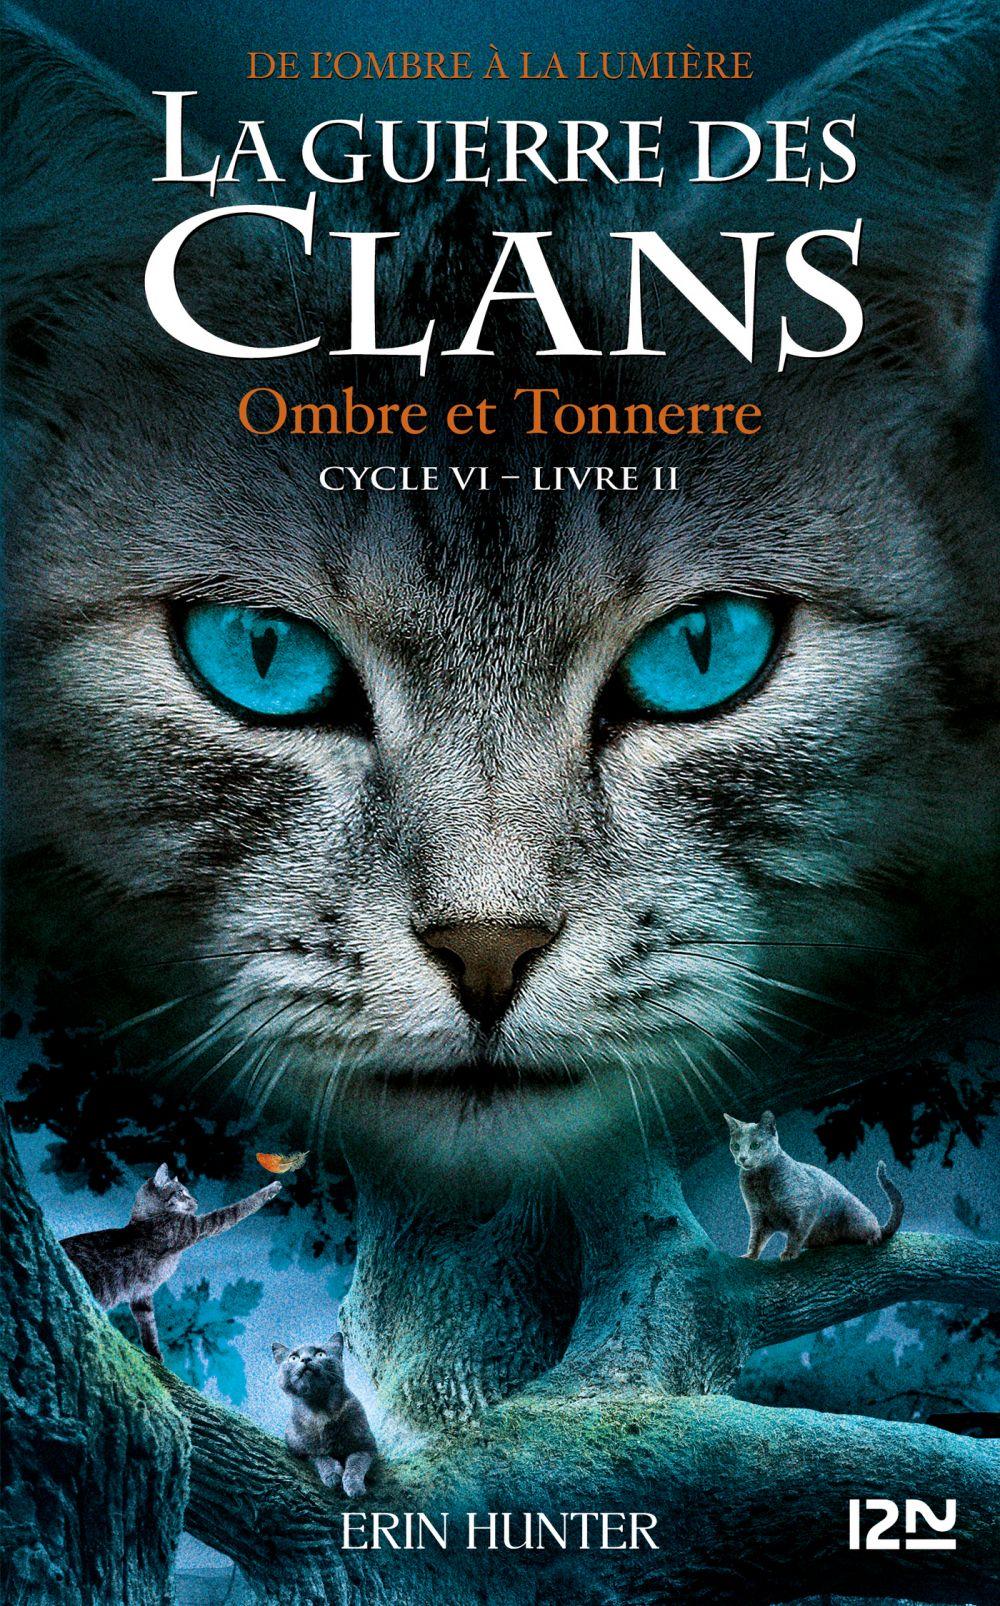 La guerre des Clans, cycle VI - tome 02 : Ombre et tonnerre | HUNTER, Erin. Auteur